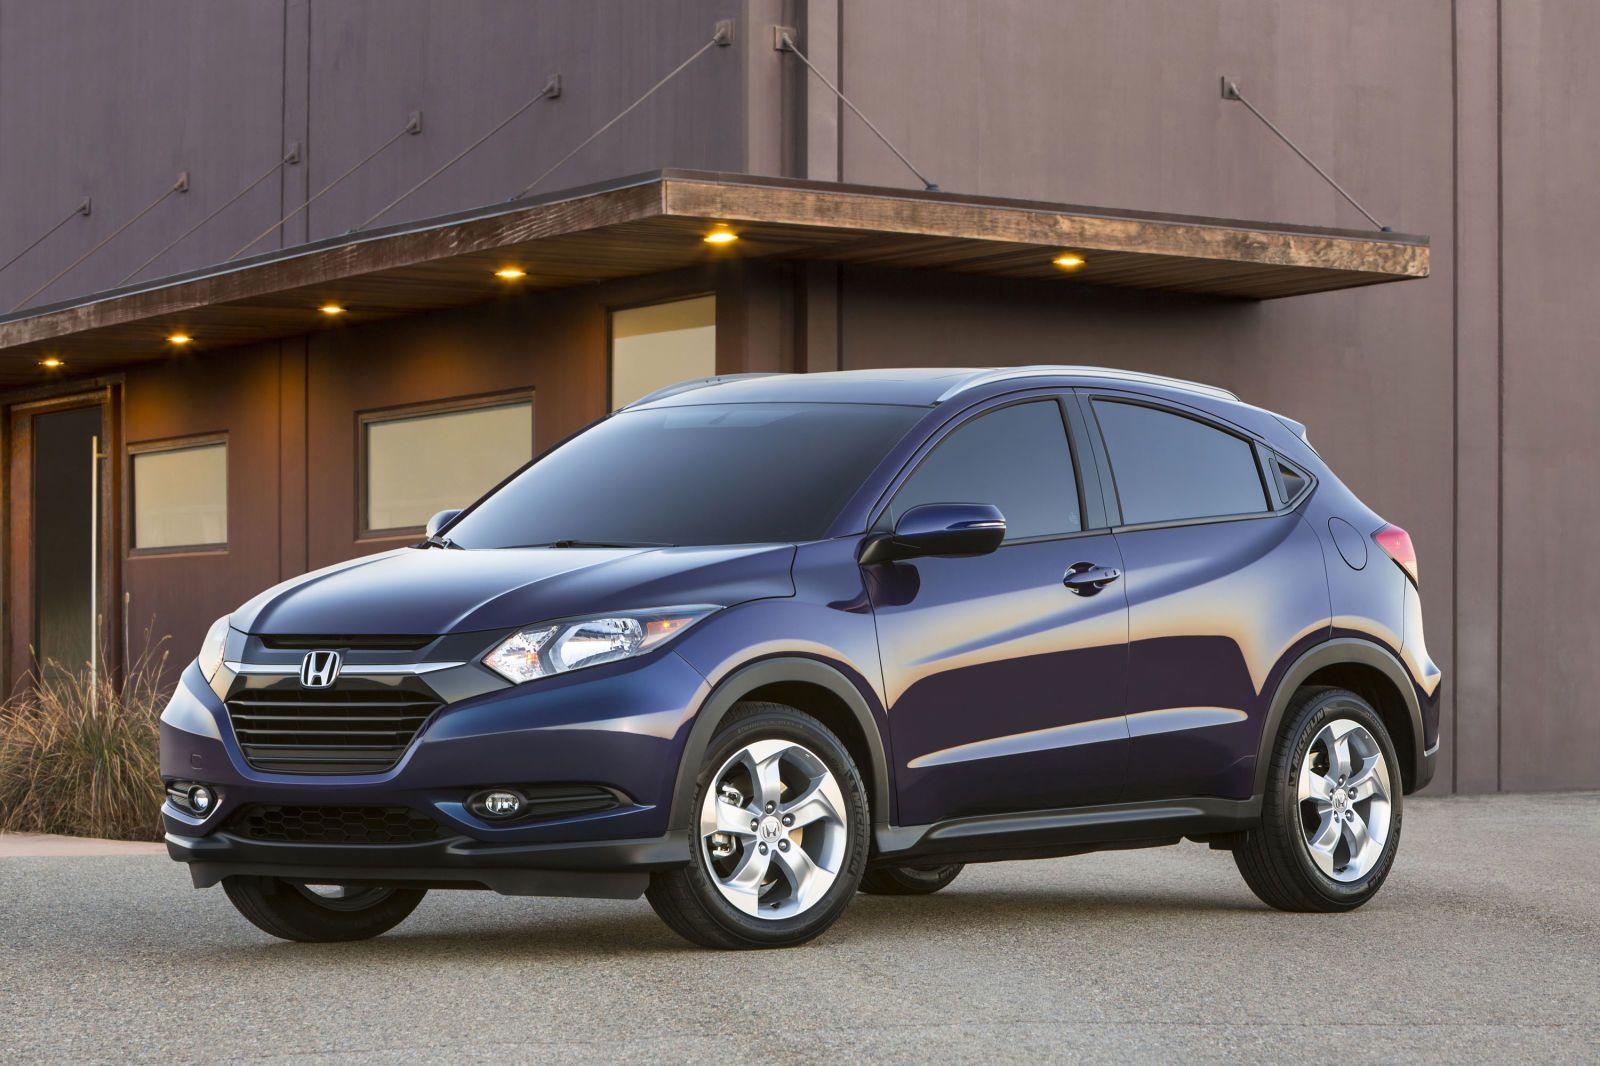 Kelebihan Harga Honda Hrv 2016 Review